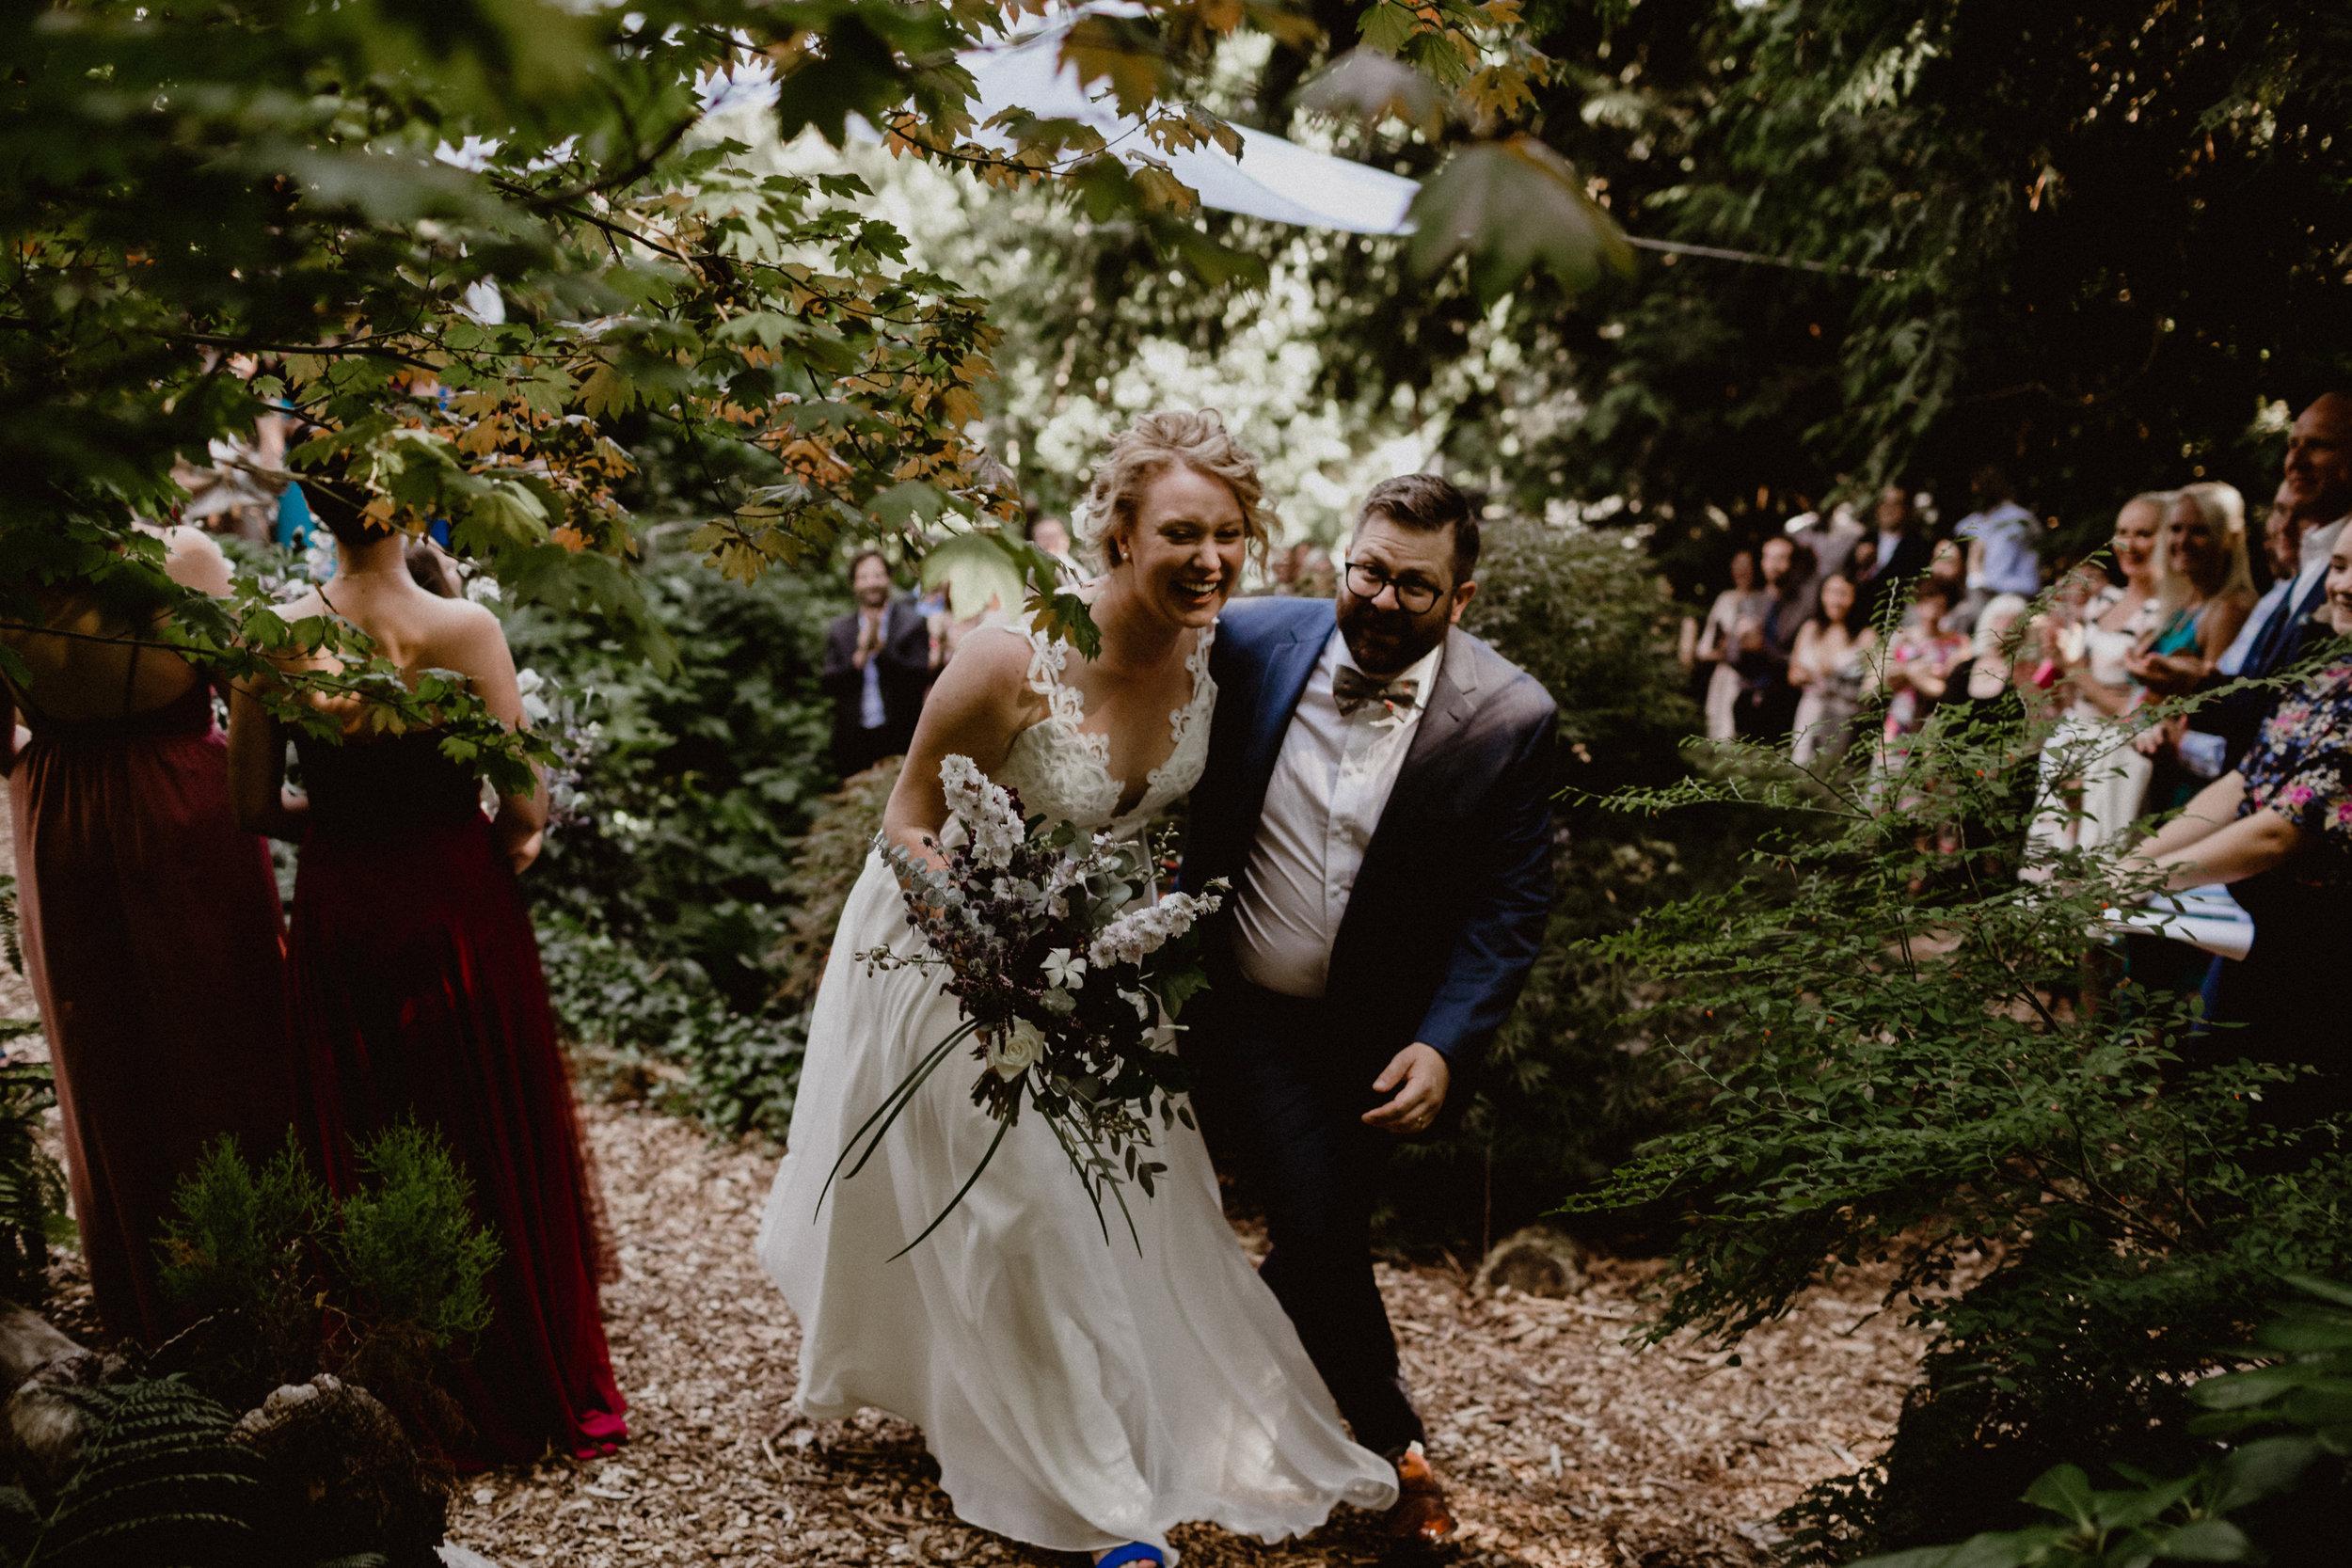 west-vancouver-backyard-wedding-129.jpg